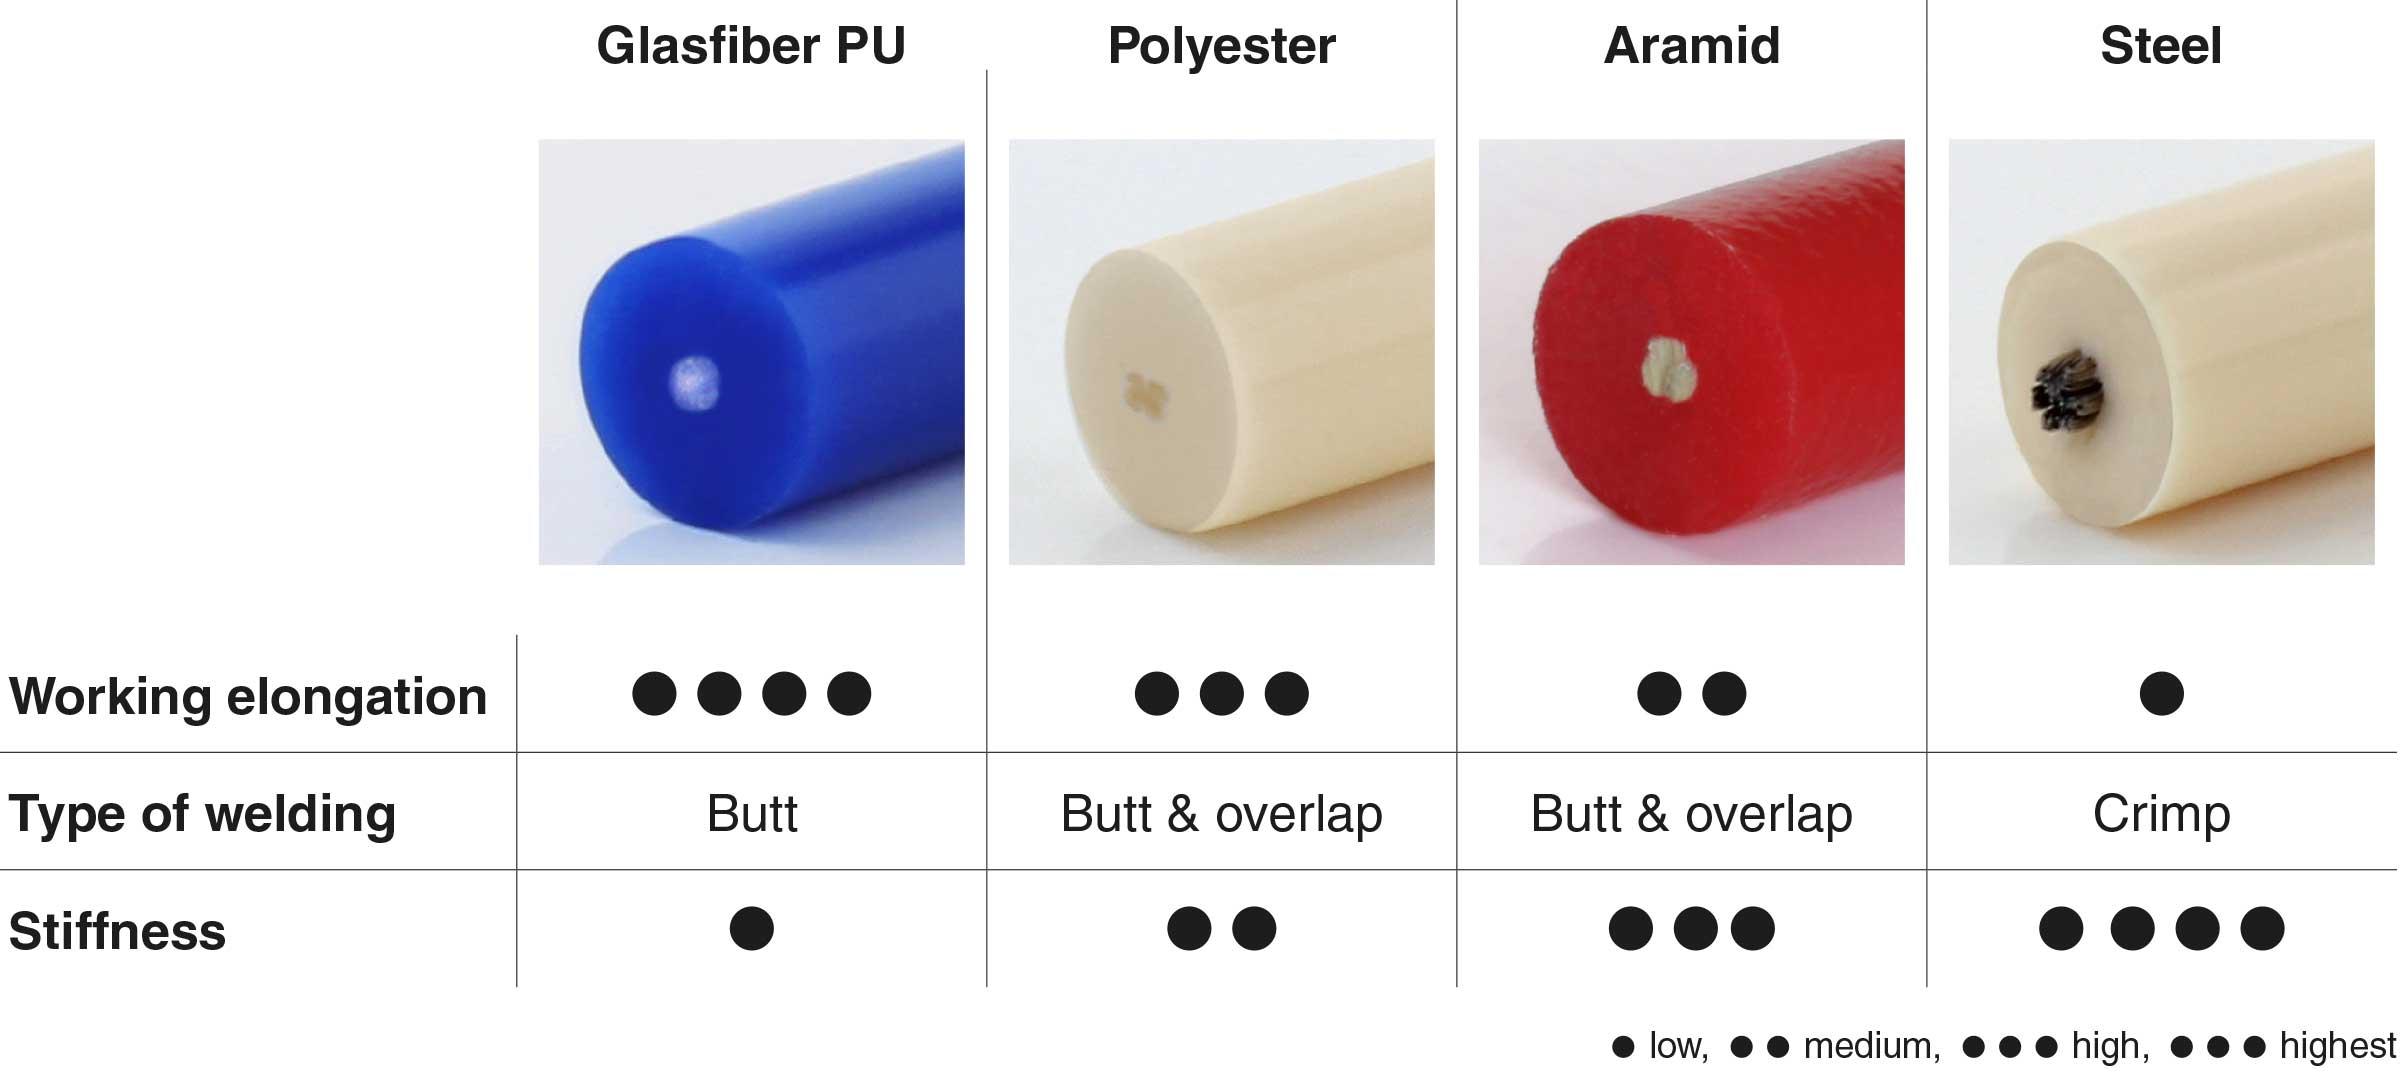 comparison reinforcements roundbelts